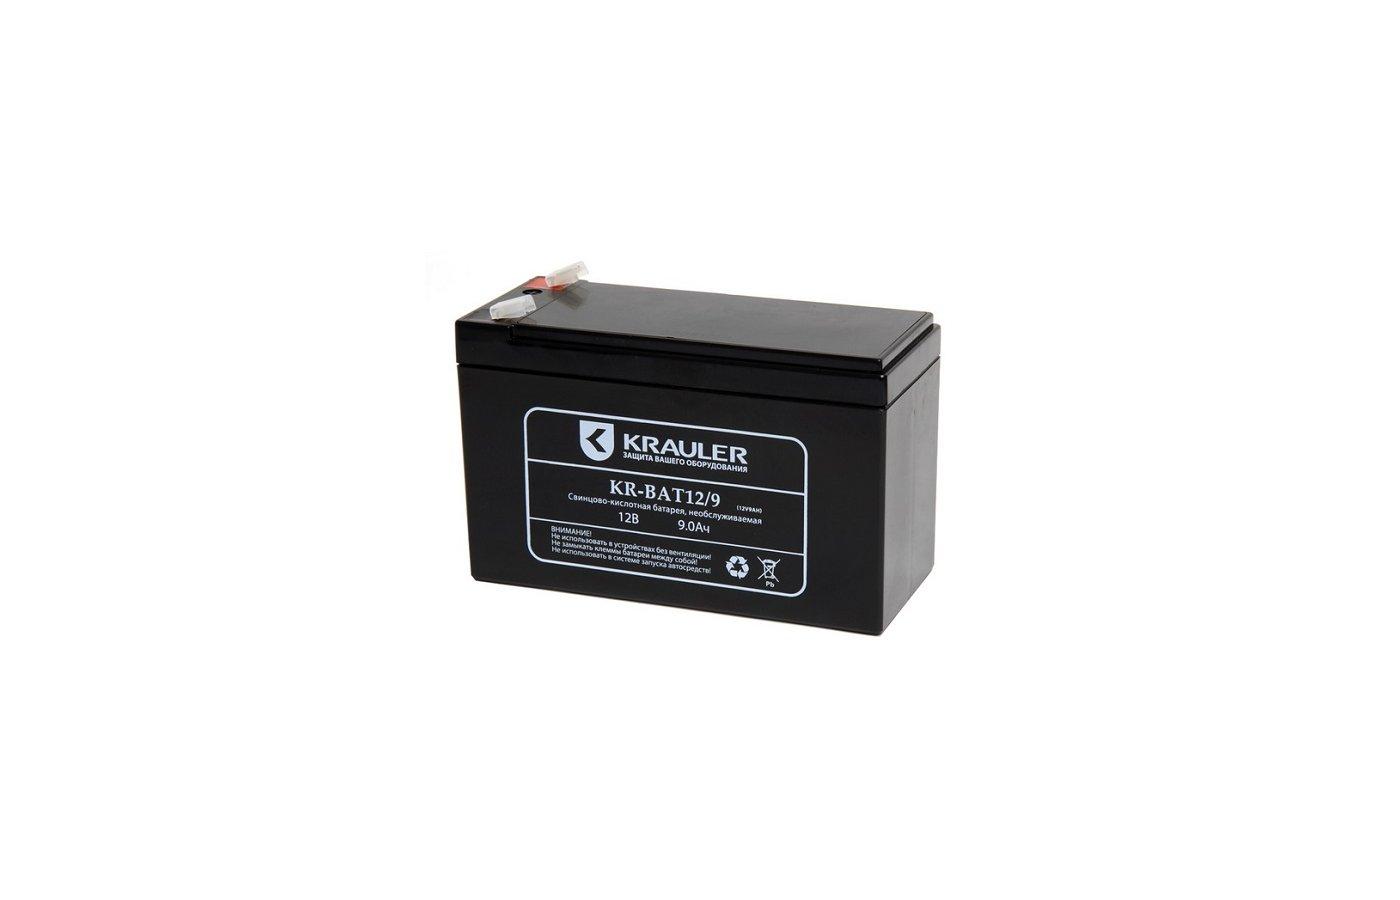 Блок питания KRAULER батарея для ИБП свинцово-кислотная 12В 9Ач